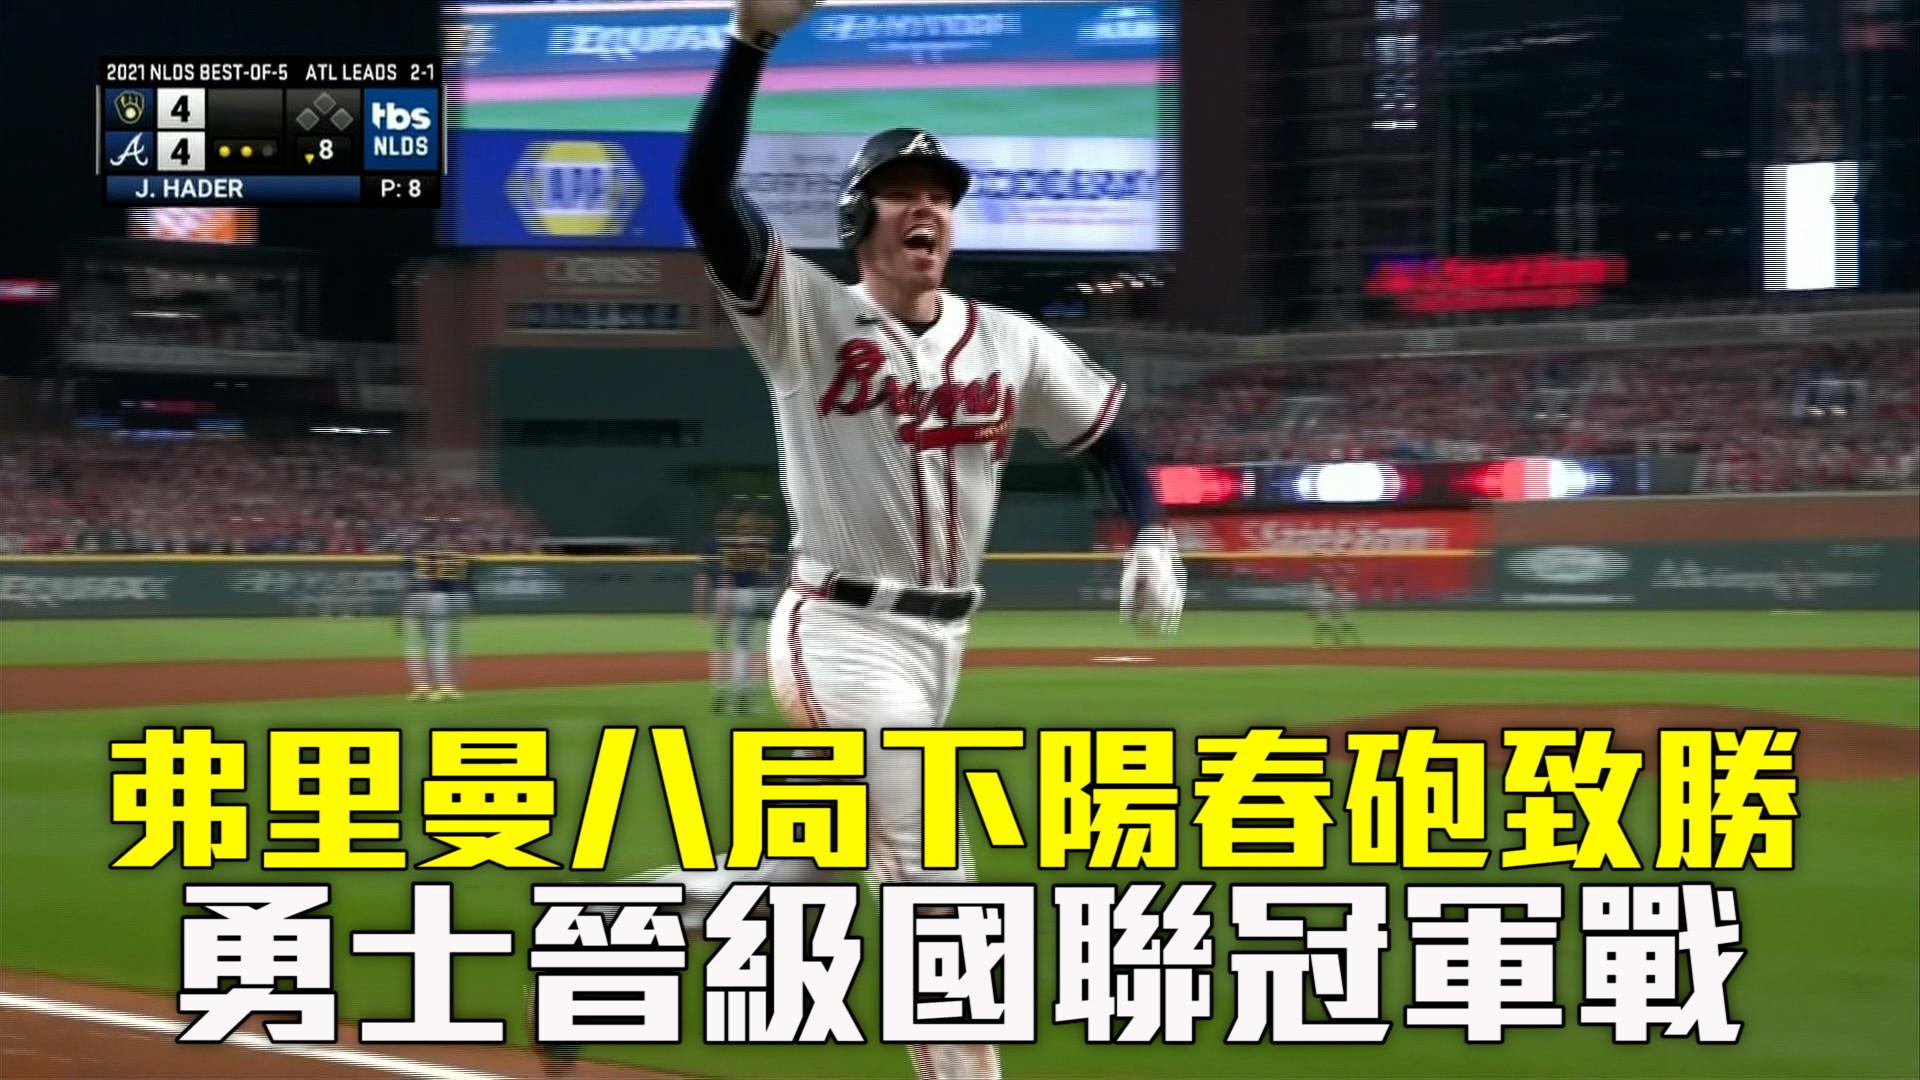 【MLB看愛爾達】弗里曼八下開轟 勇士晉級國聯冠軍戰 10/13